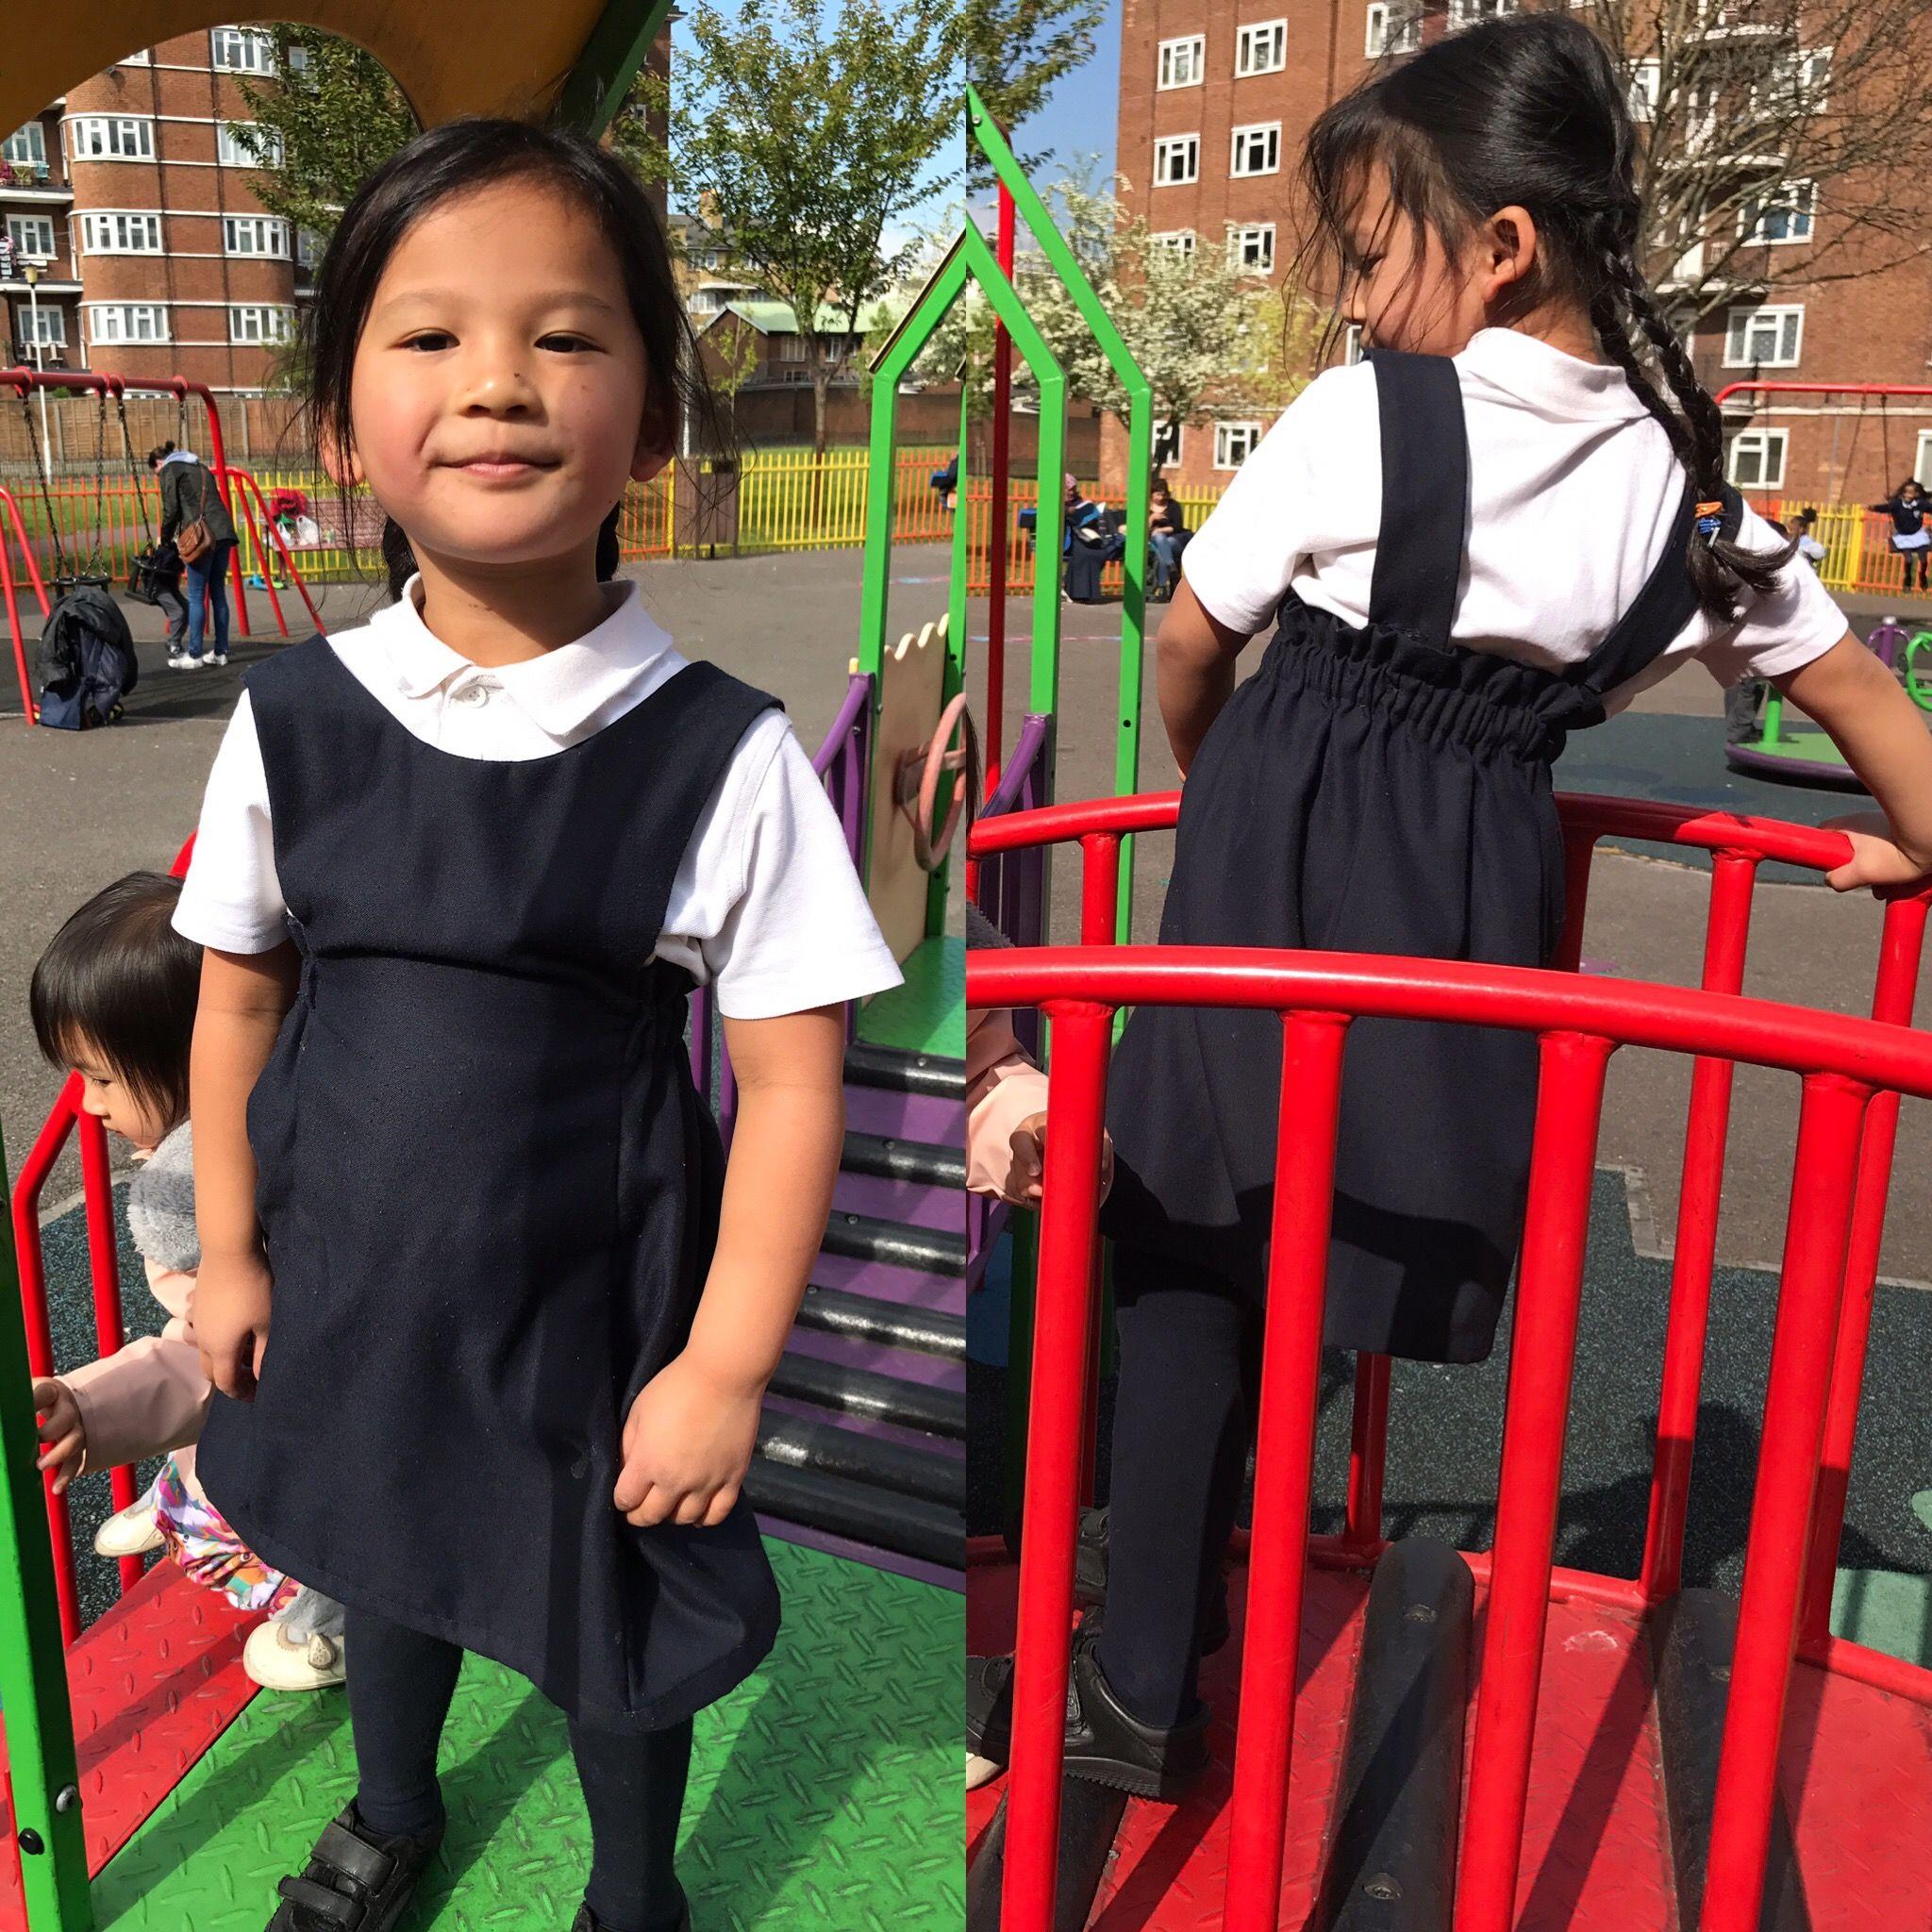 Pembridge Pinafore for Bo's school uniform #pdf patterns #sewingforgirls #llcpembridge #liluxecollection